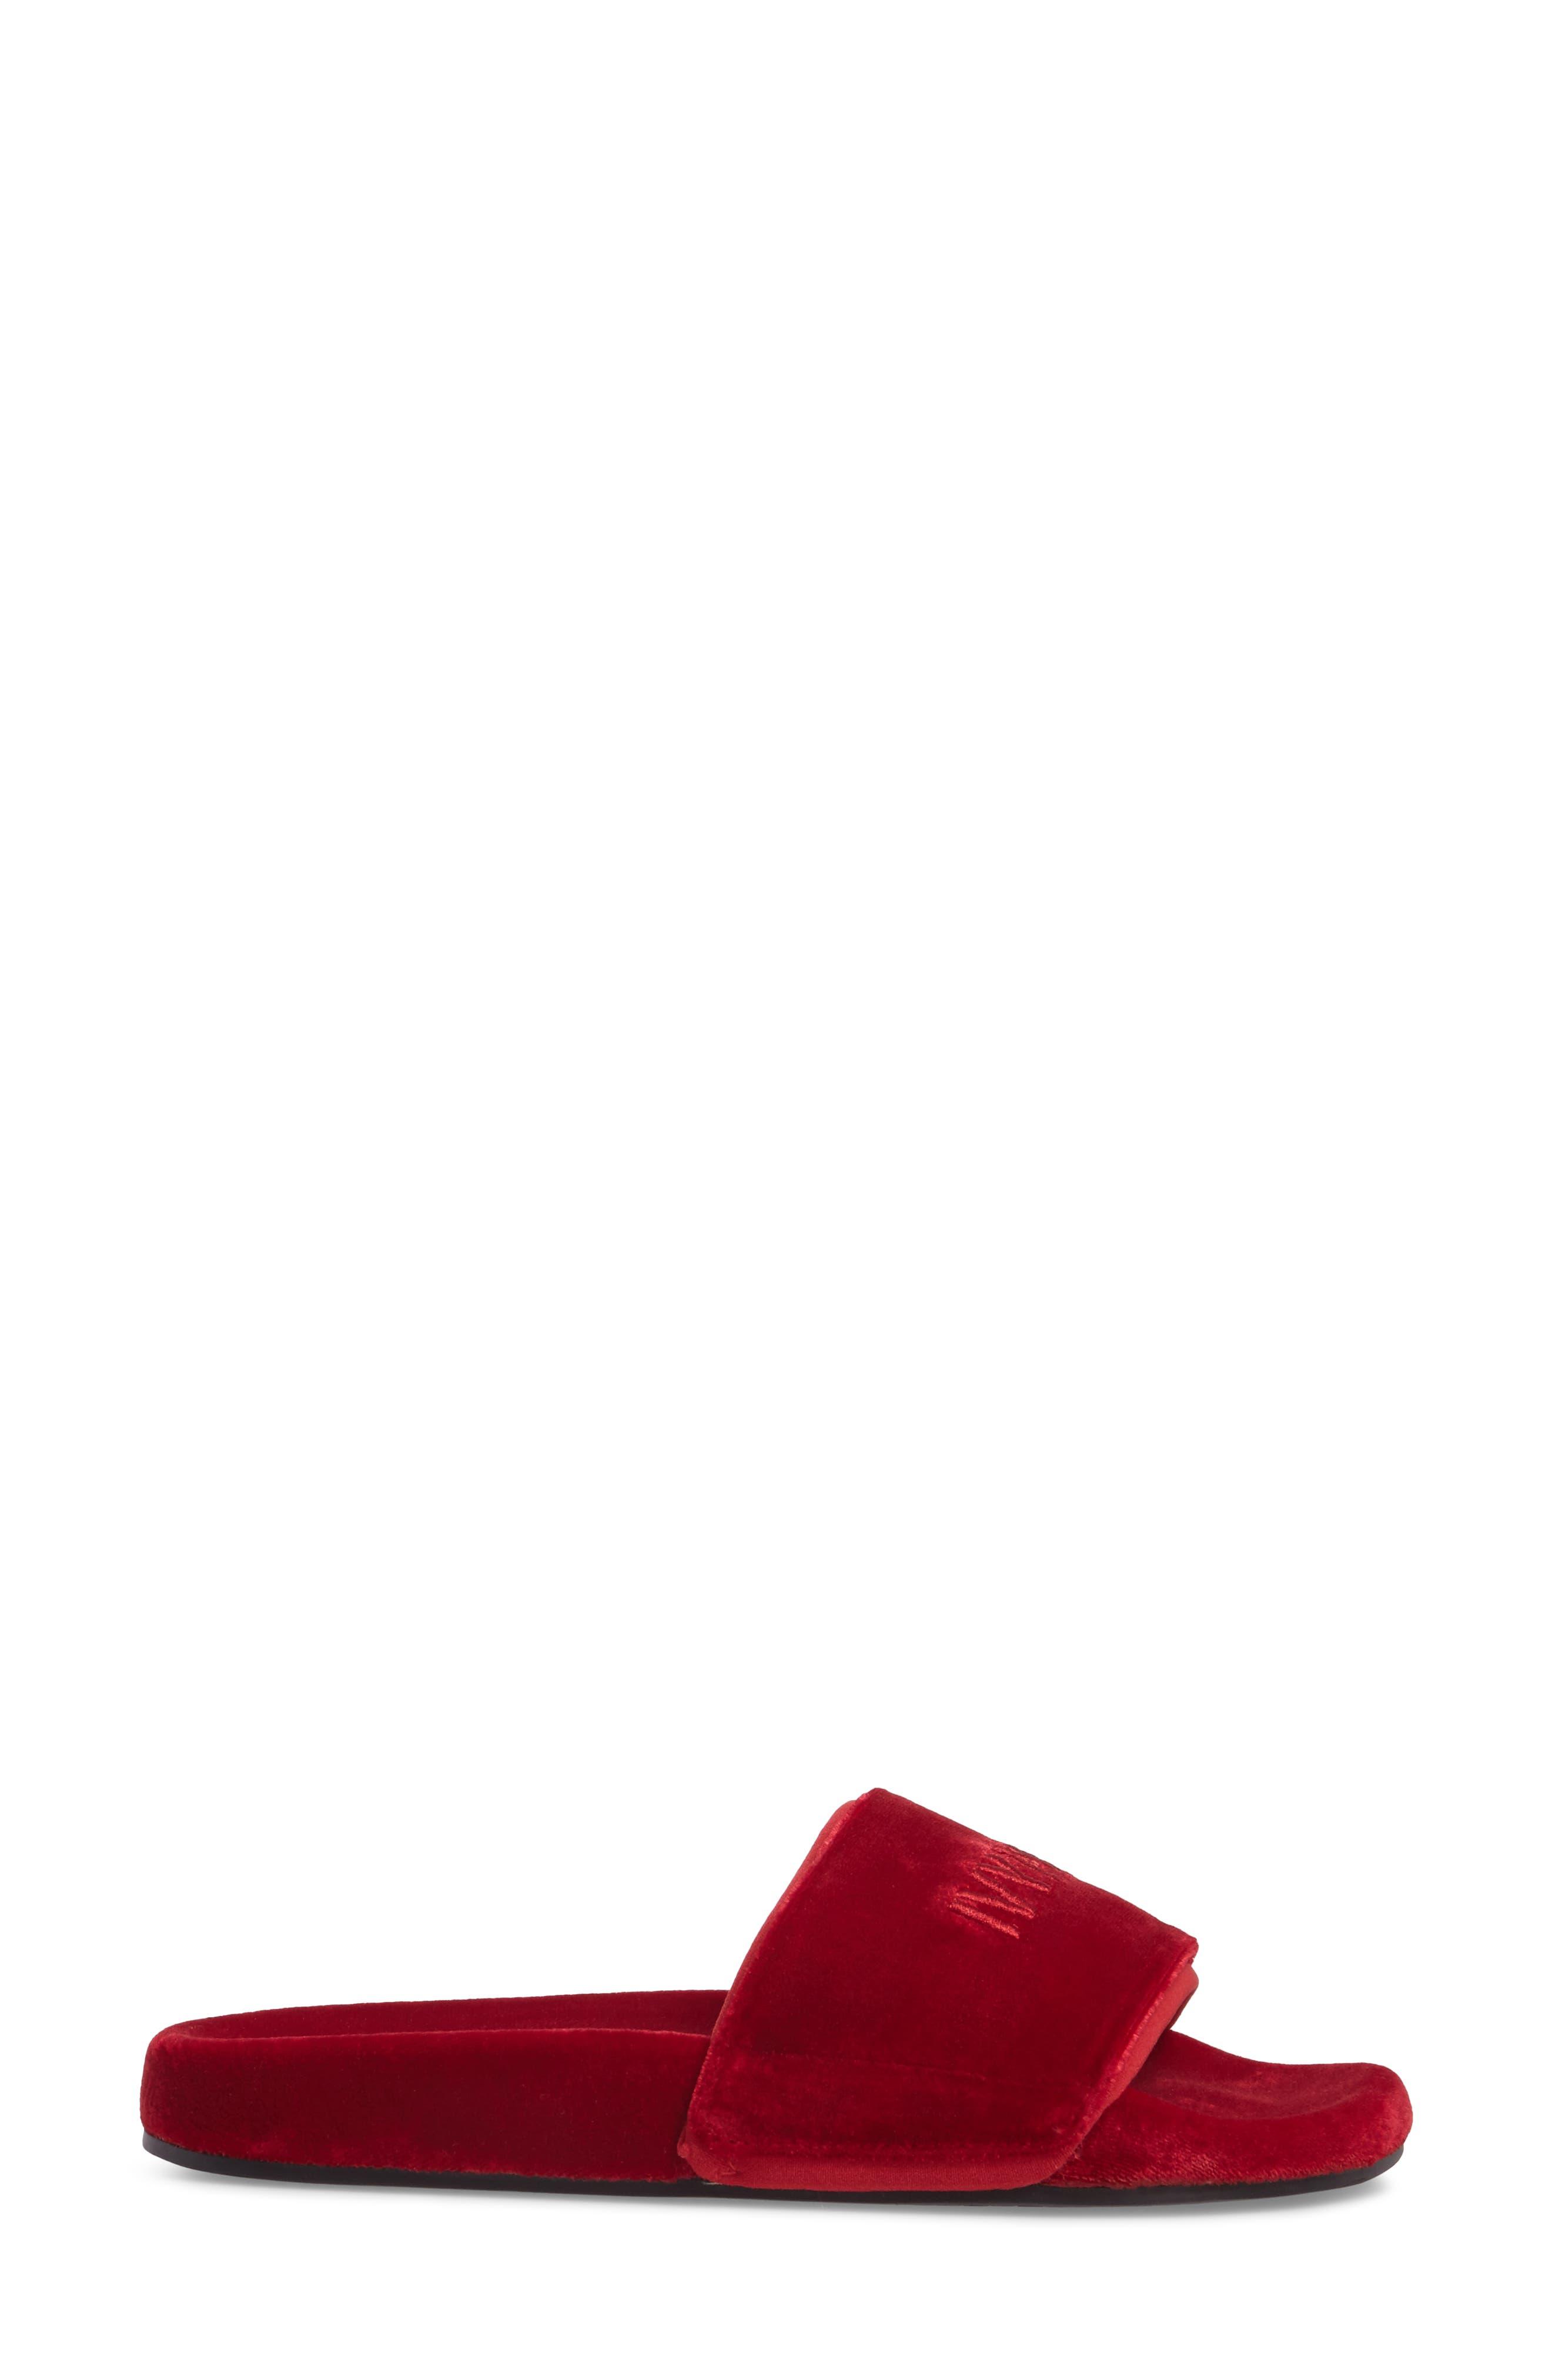 Alternate Image 3  - IVY PARK® Velvet Embossed Slide Sandal (Women)